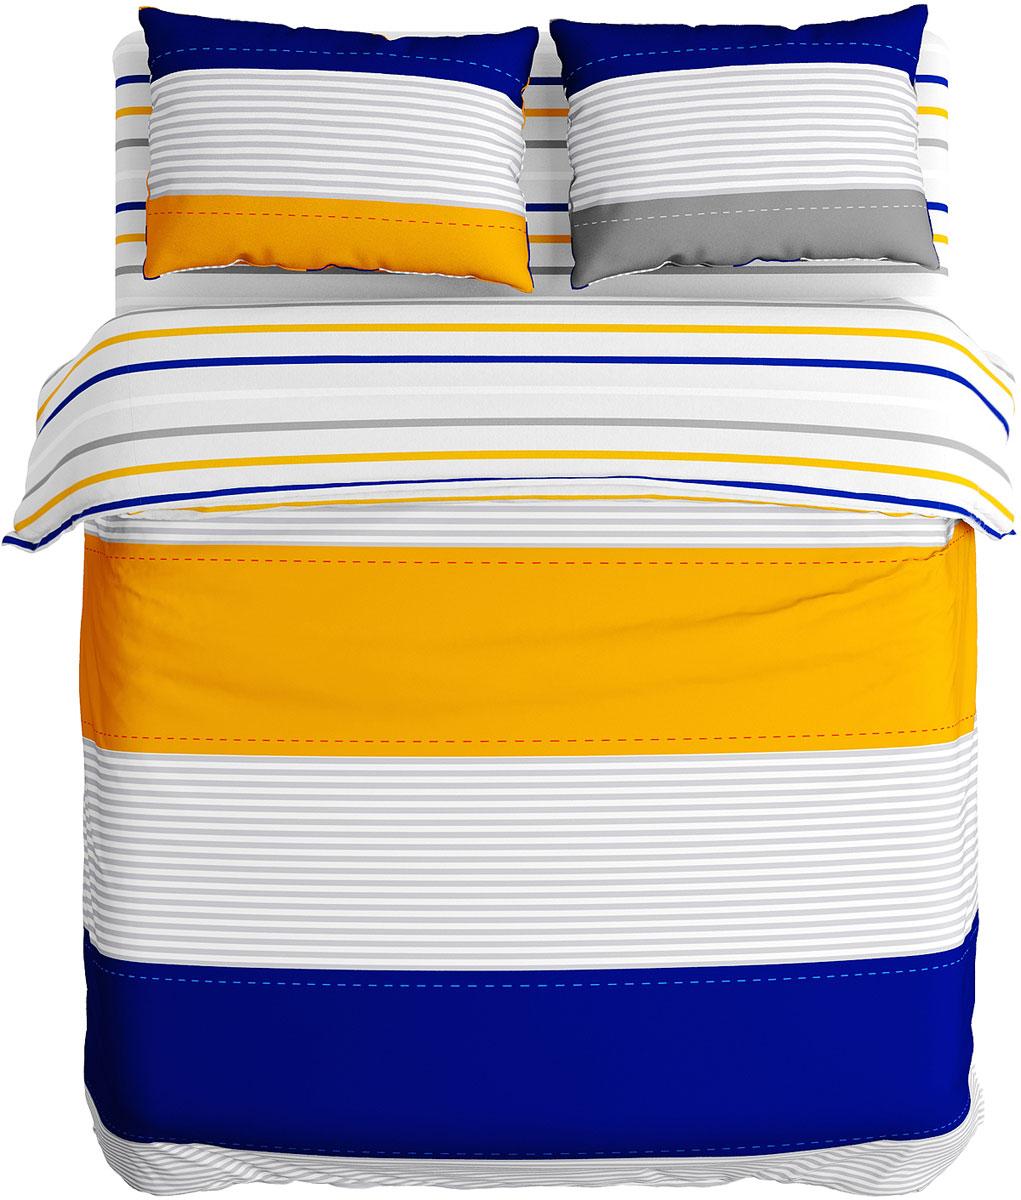 """Комплект постельного белья """"Сирень"""" выполнен из прочной и мягкой ткани. Четкий и стильный рисунок в сочетании с насыщенными красками делают комплект постельного белья неповторимой изюминкой любого интерьера. Постельное белье идеально подойдет для подарка. Идеальное соотношение смешенной ткани и гипоаллергенных красок это гарантия здорового, спокойного сна.  Ткань хорошо впитывает влагу, надолго сохраняет яркость красок. Цвет простыни, пододеяльника, наволочки в комплектации может немного отличаться от представленного на фото.    В комплект входят: простыня - 150х220см; пододельяник 145х210 см; наволочка - 50х70х2шт.  Постельное белье легко стирать при 30-40 градусах, гладить при 150 градусах, не отбеливать. Рекомендуется перед первым использованием постирать."""